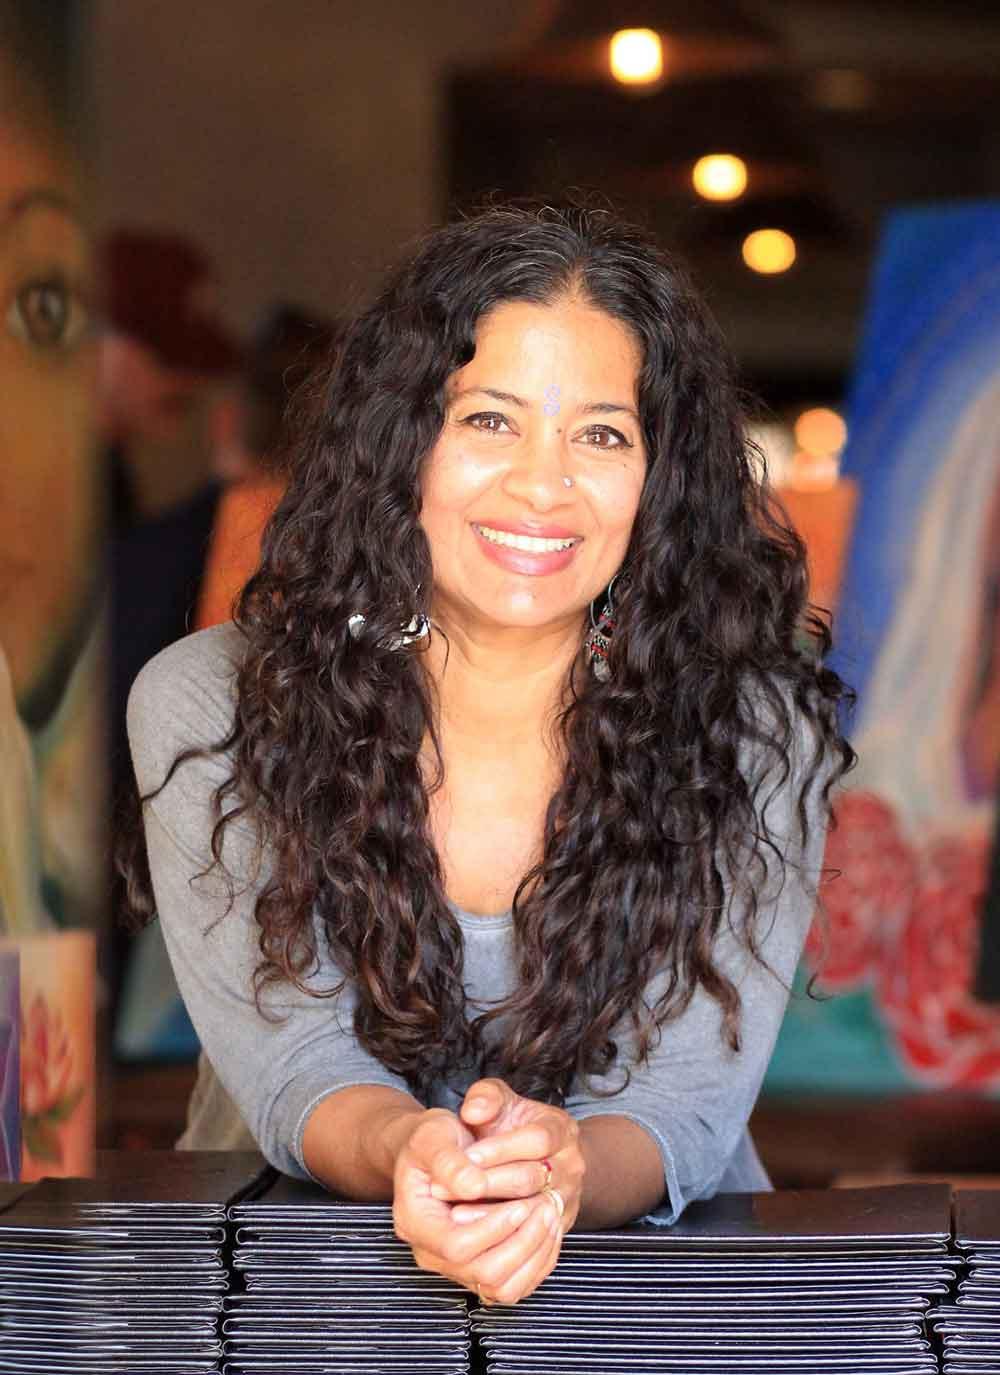 Aparna Khanolkar